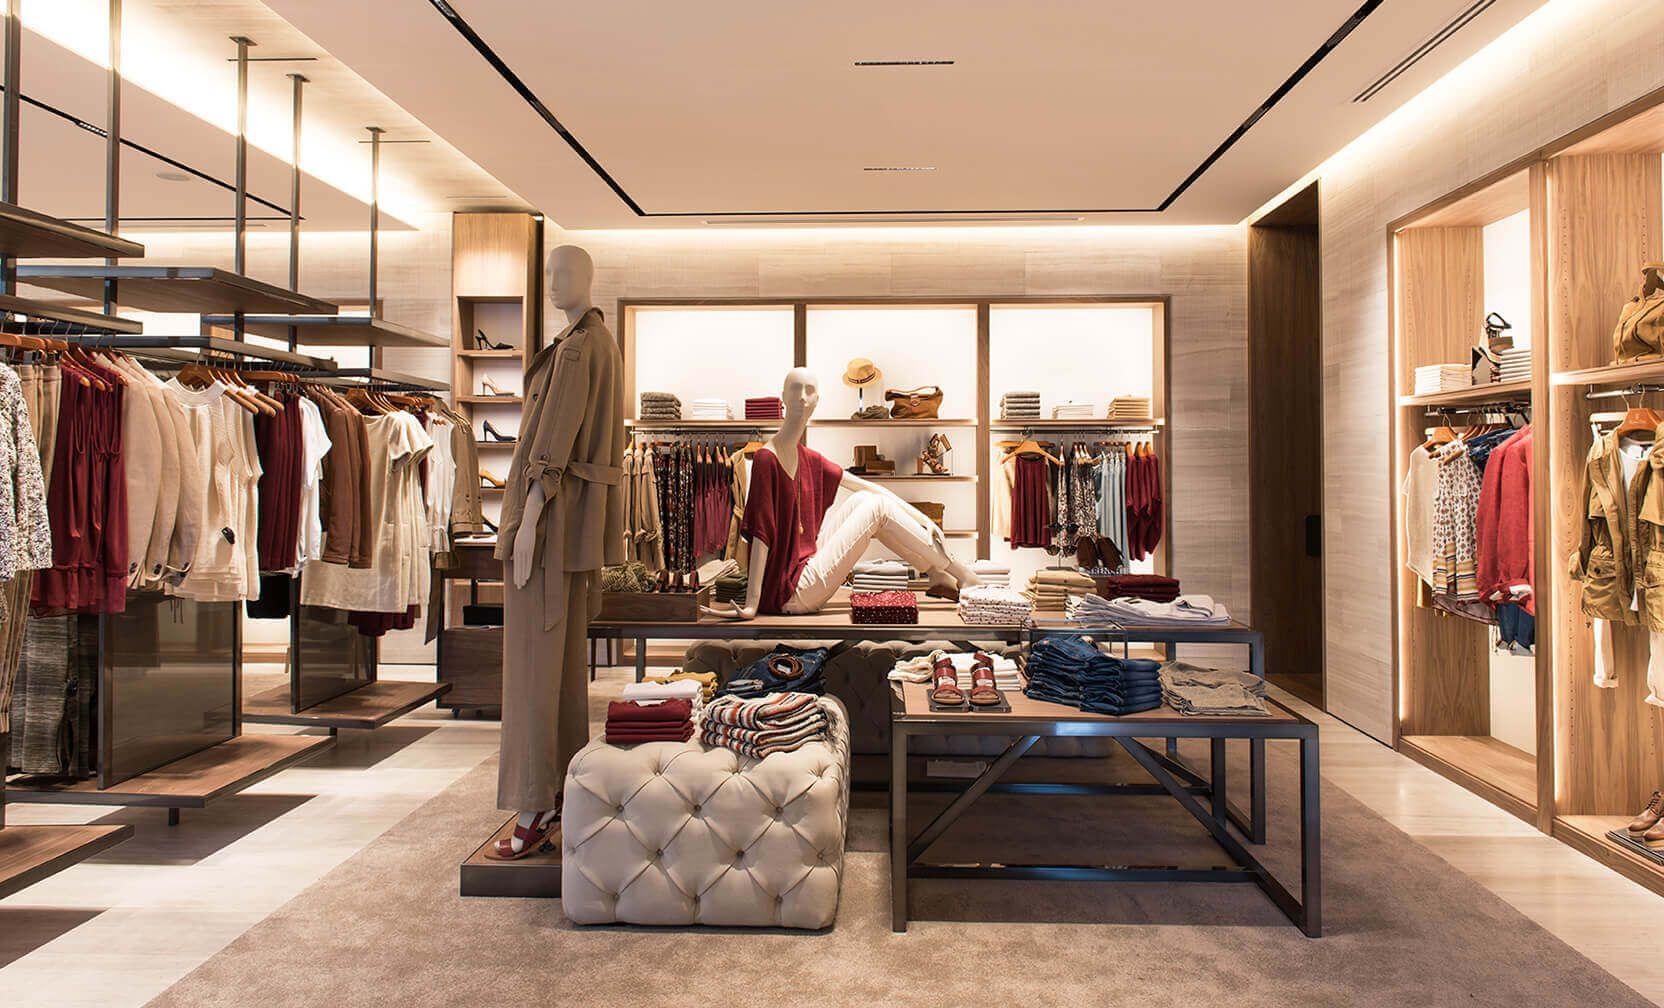 Massimo Dutti Barcelona Tiendas Windowswear Massimo Dutti  # Muebles De Massimo Dutti